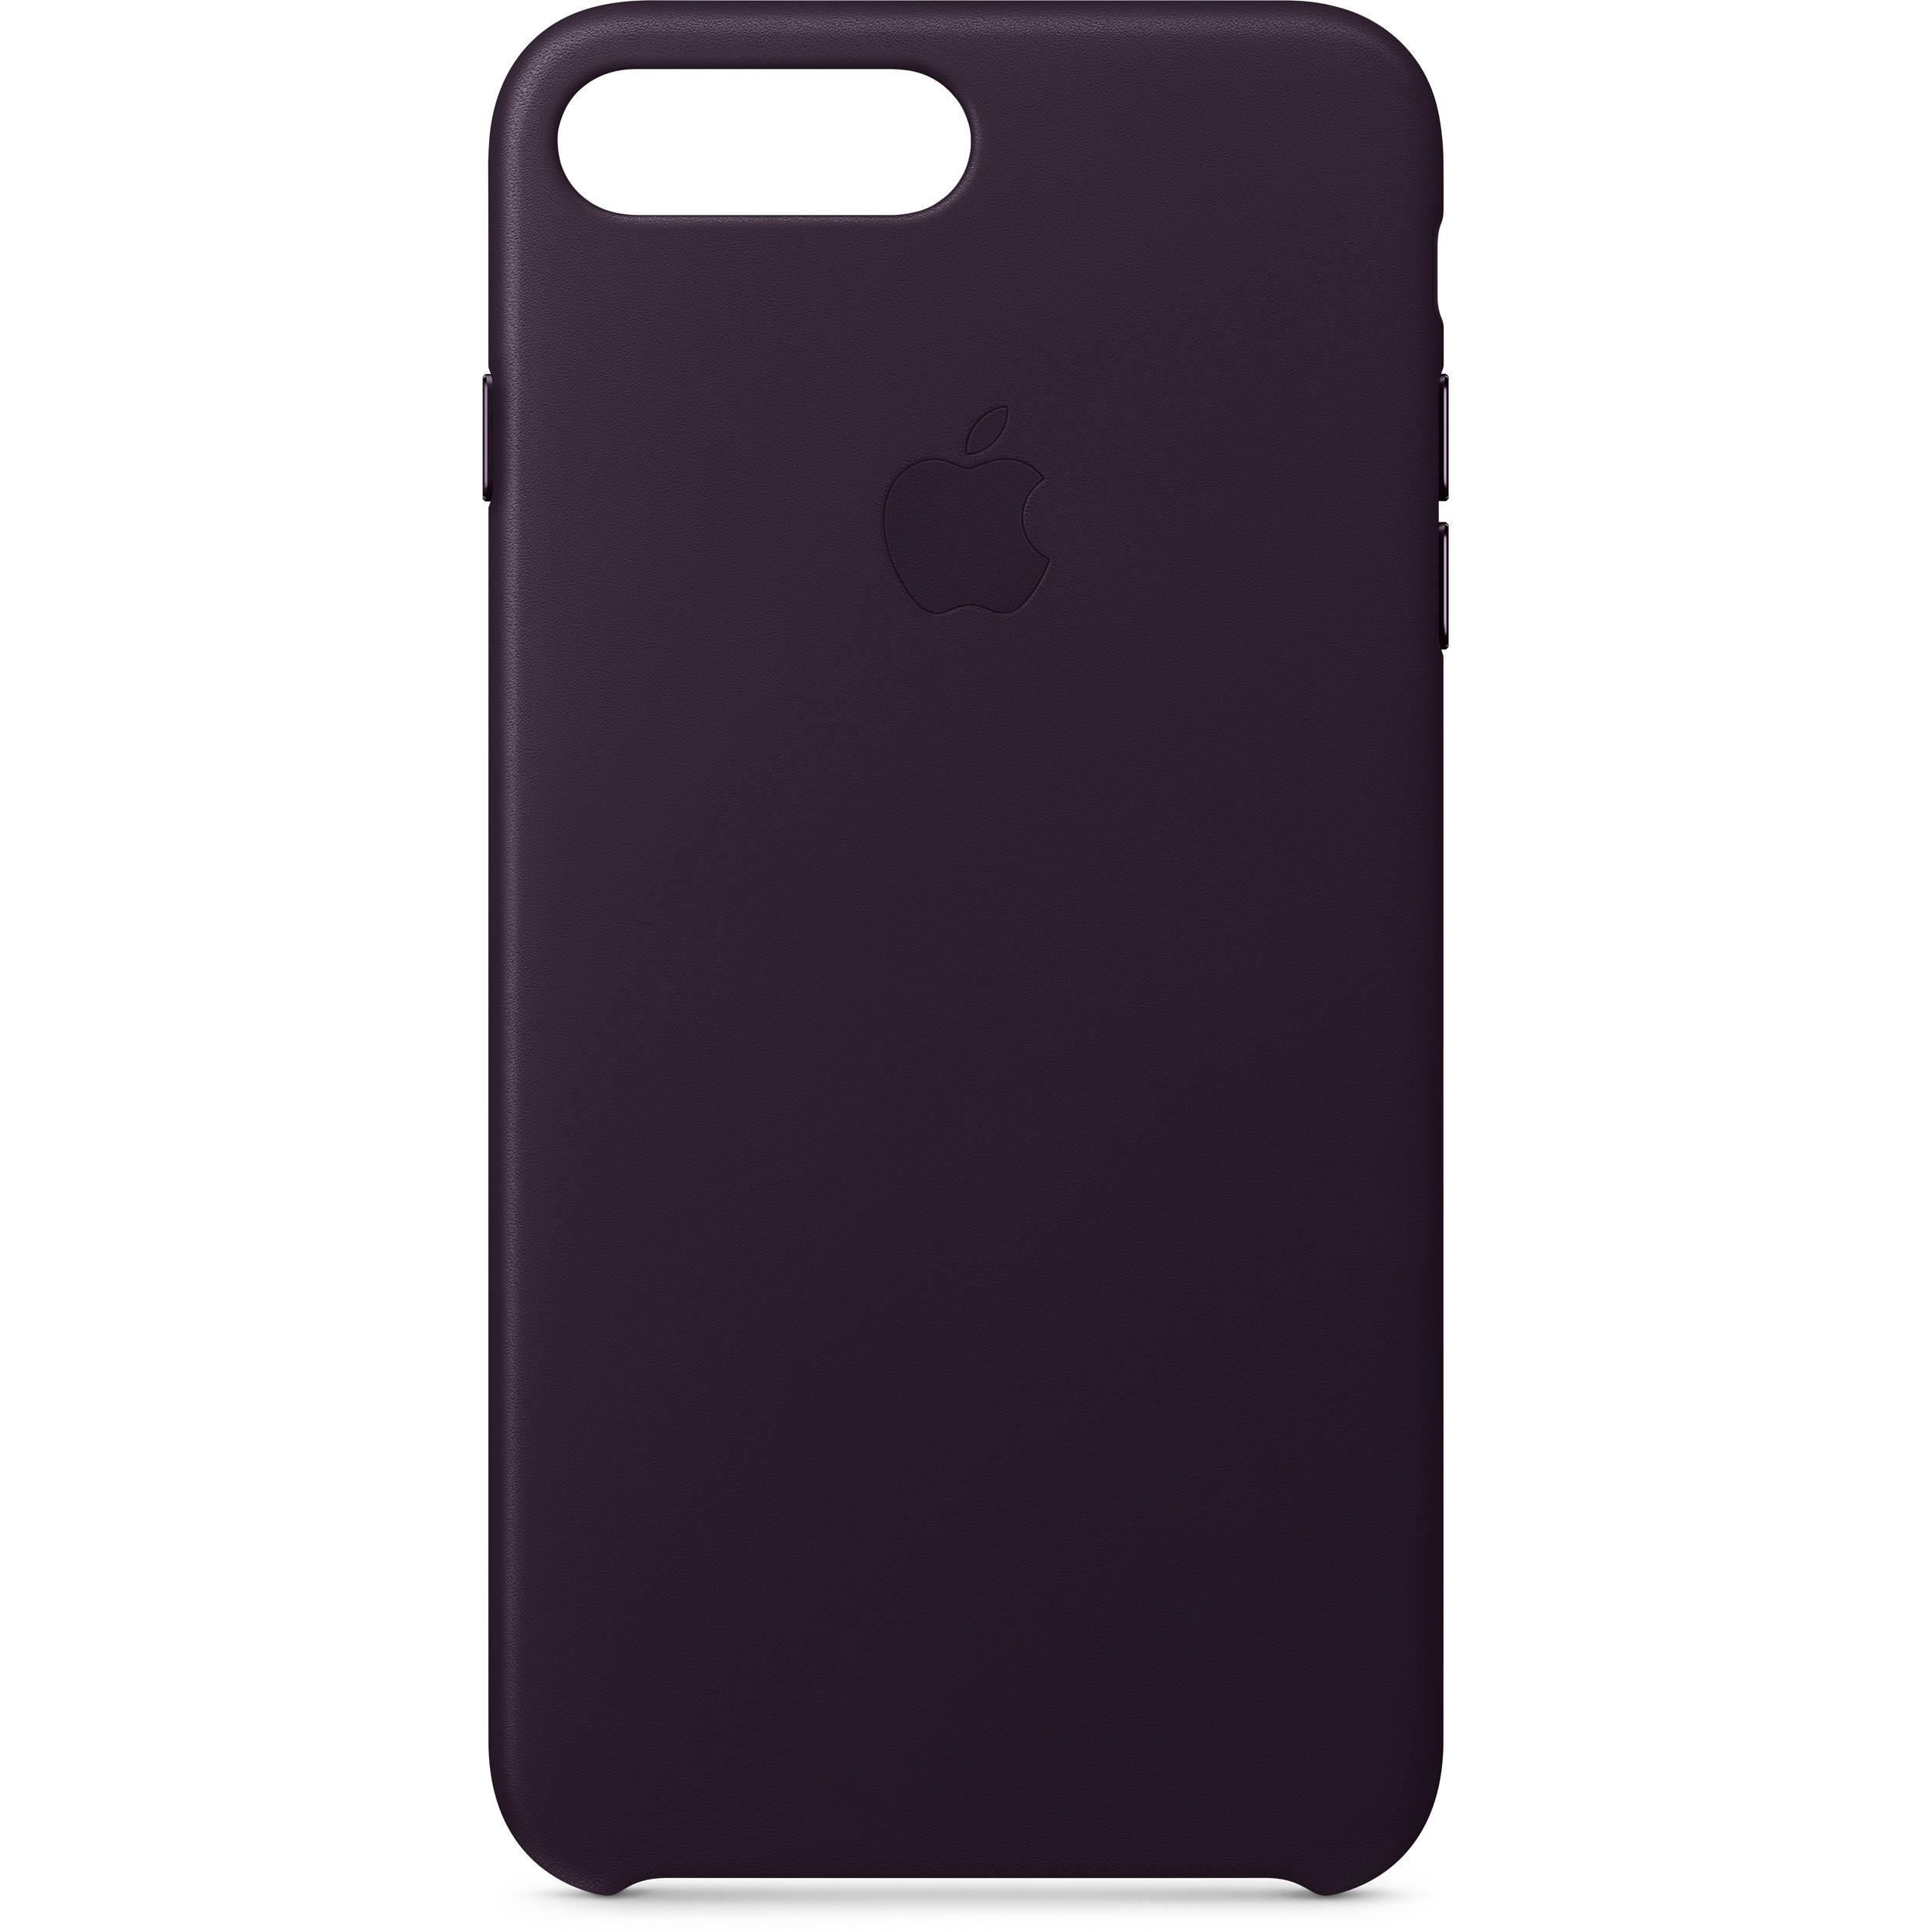 Apple IPhone 8 Plus 7 Leather Case Dark Aubergine